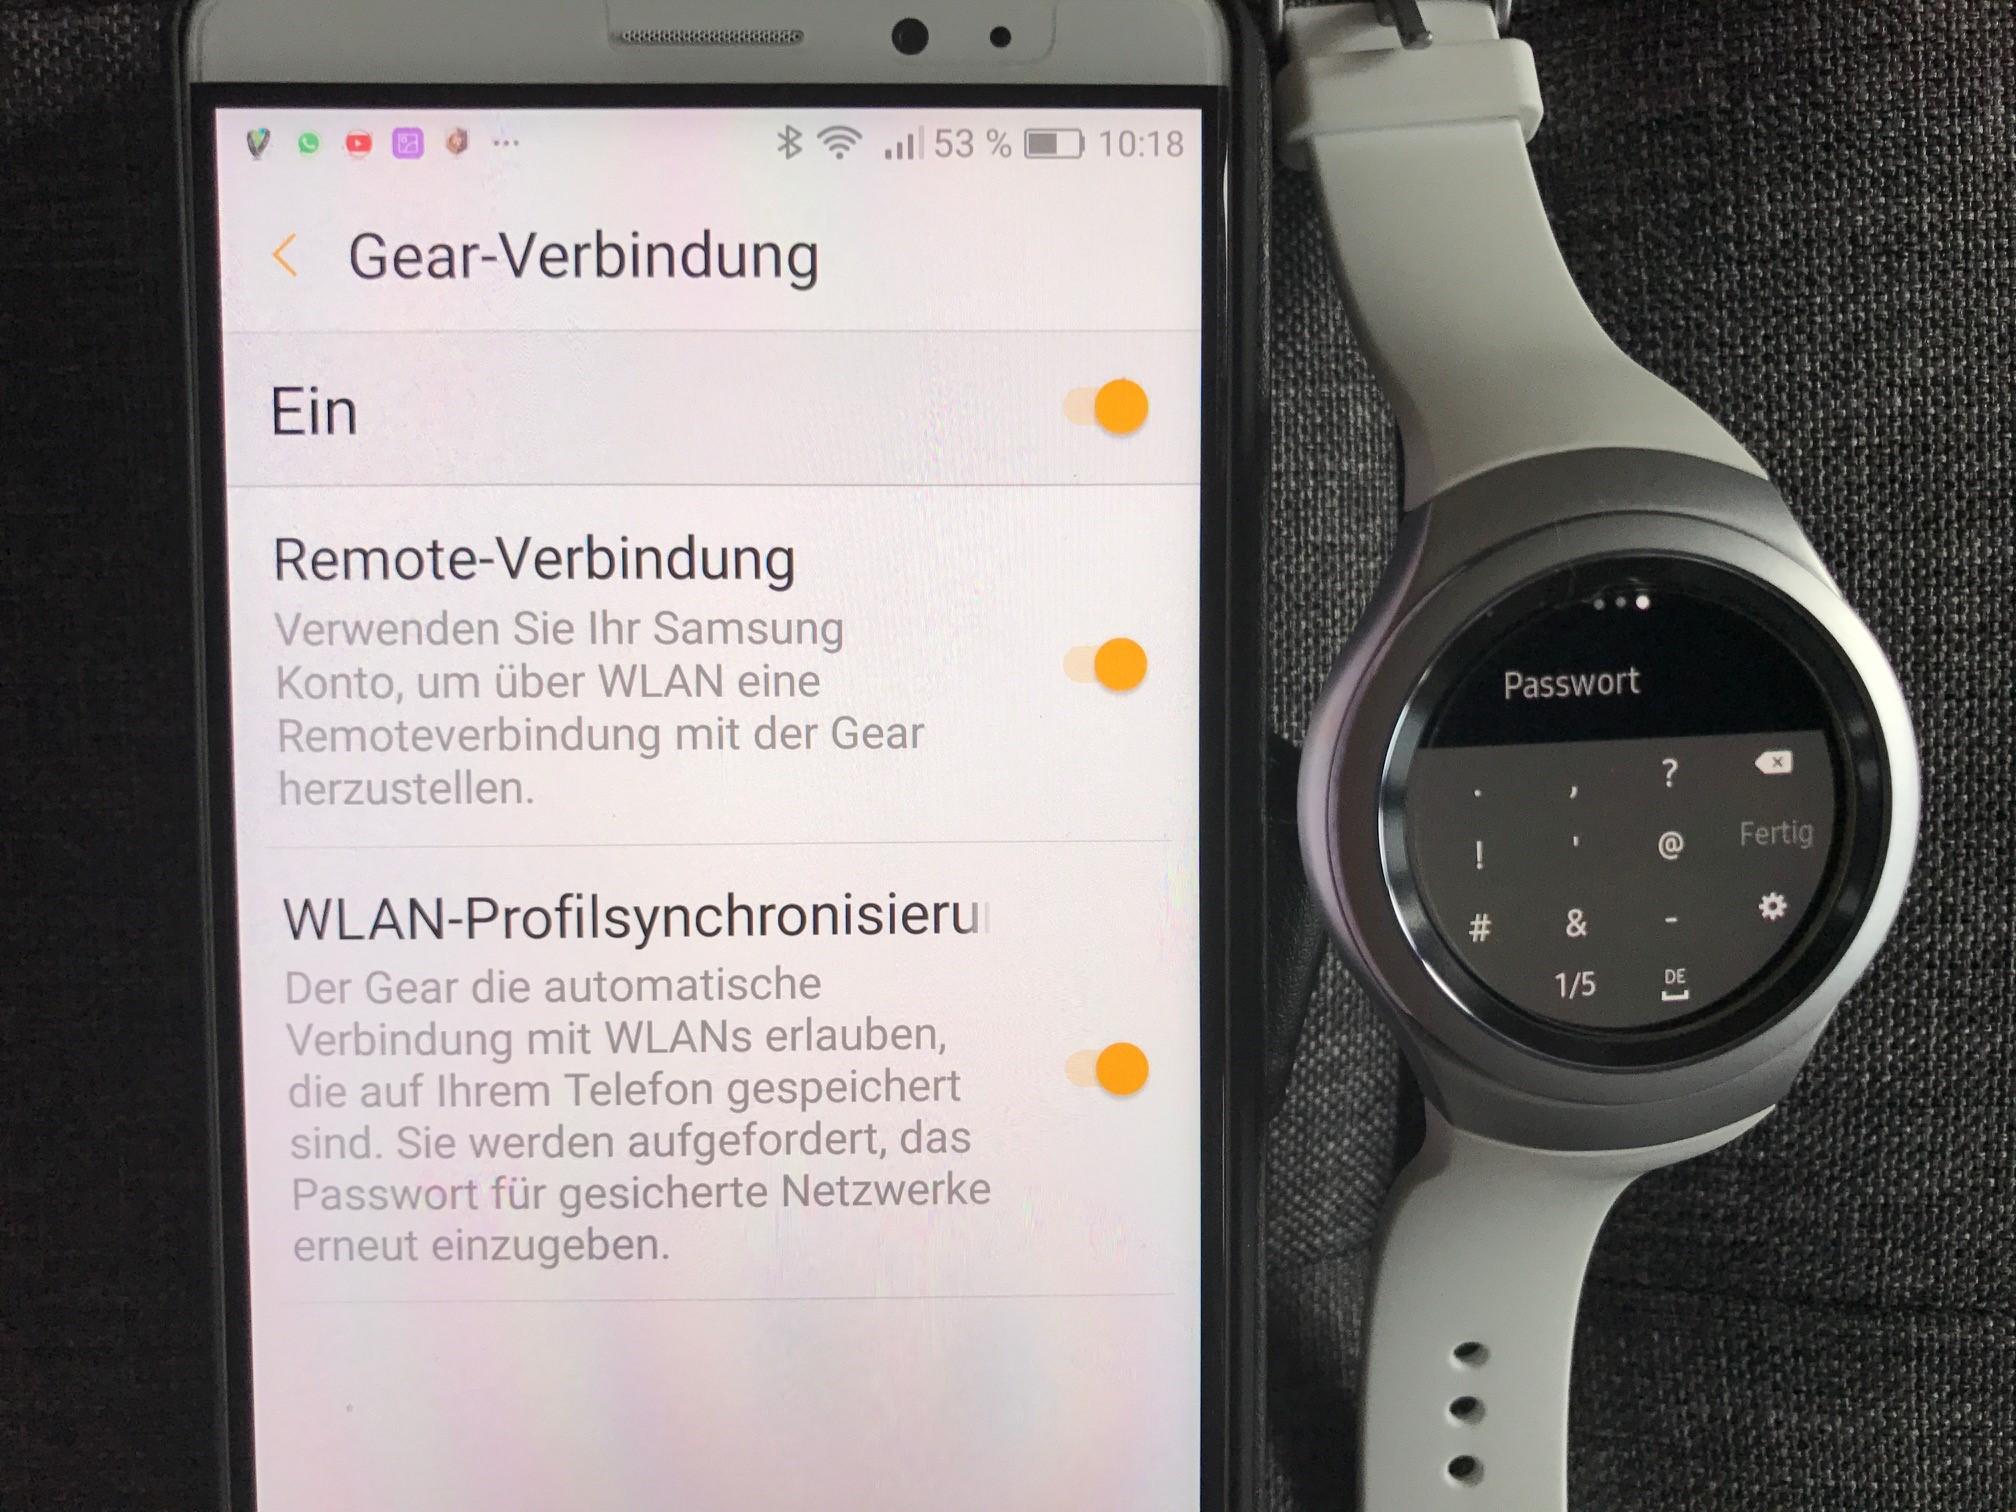 Samsung-Gear-S2-WLAN-koppeln-im-WLAN-verbinden-Gear-S2-per-WLAN-koppeln-Gear-S2-per-WLAN-verbind.jpg